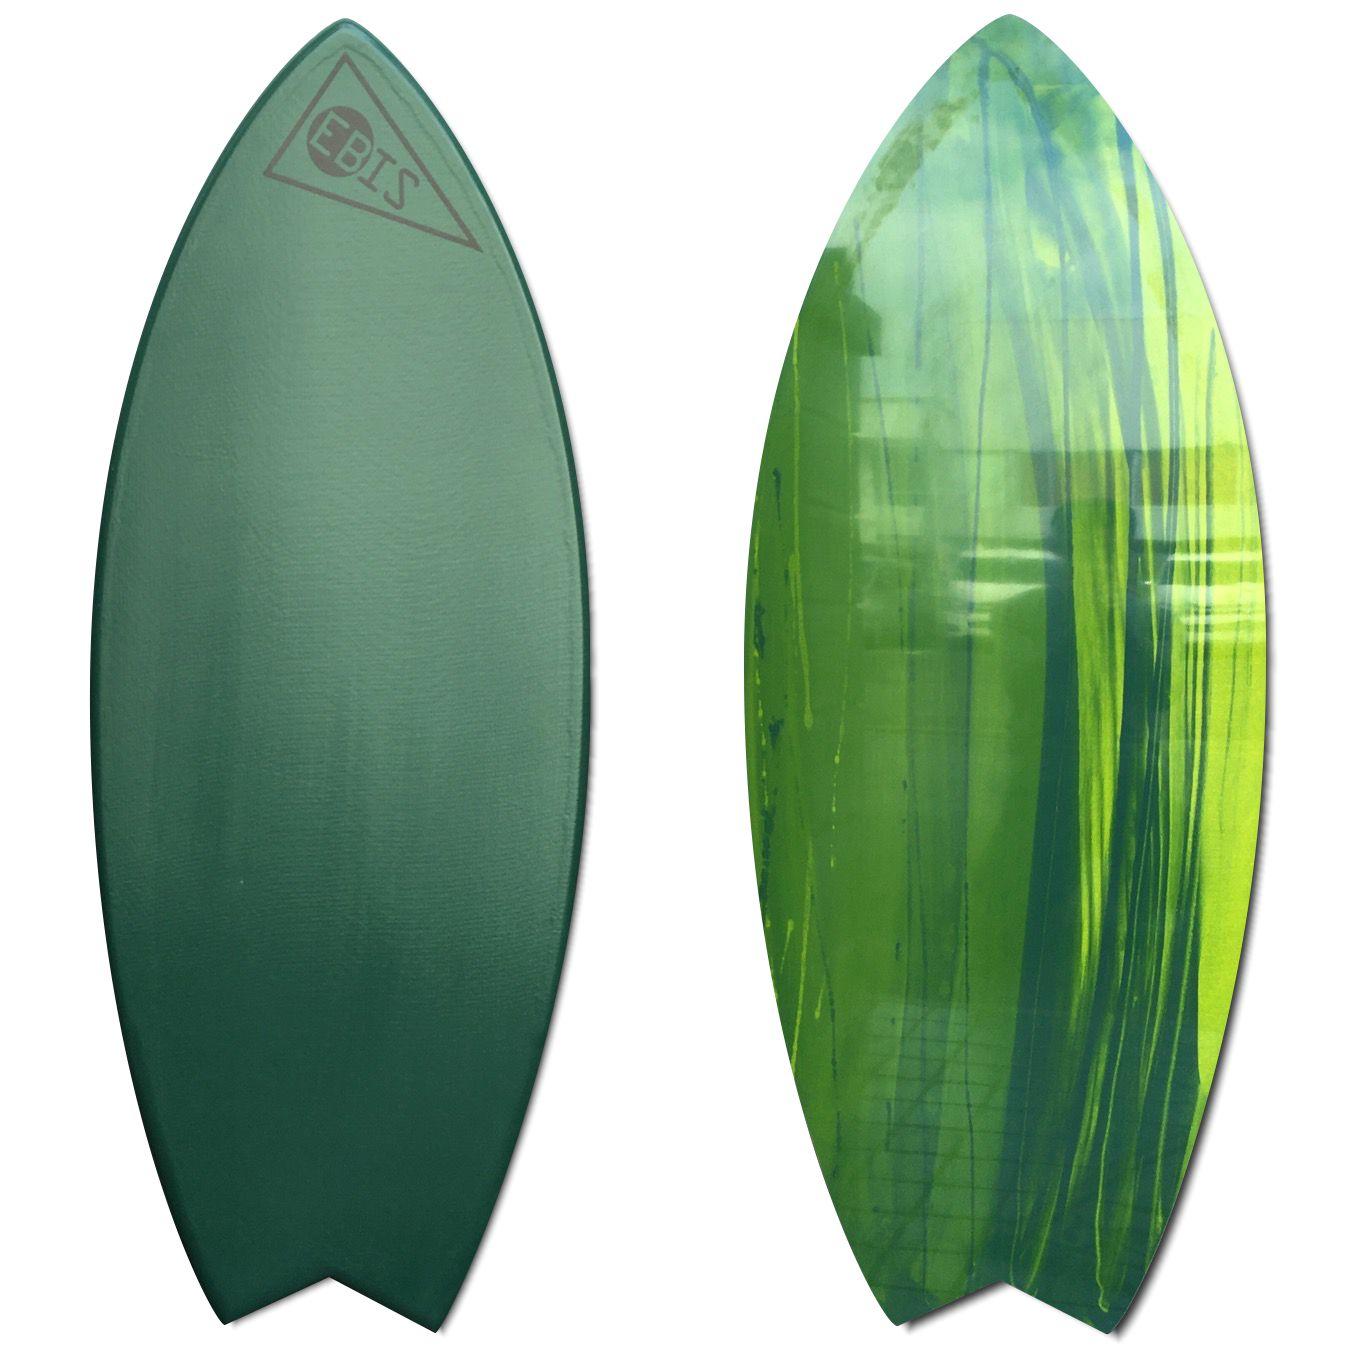 EBIS エビススキムボード Lucky fish/ラッキーフィッシュ Mサイズ 18mm カーボン テールテーパー グレイッシュグリーン/アート 即納